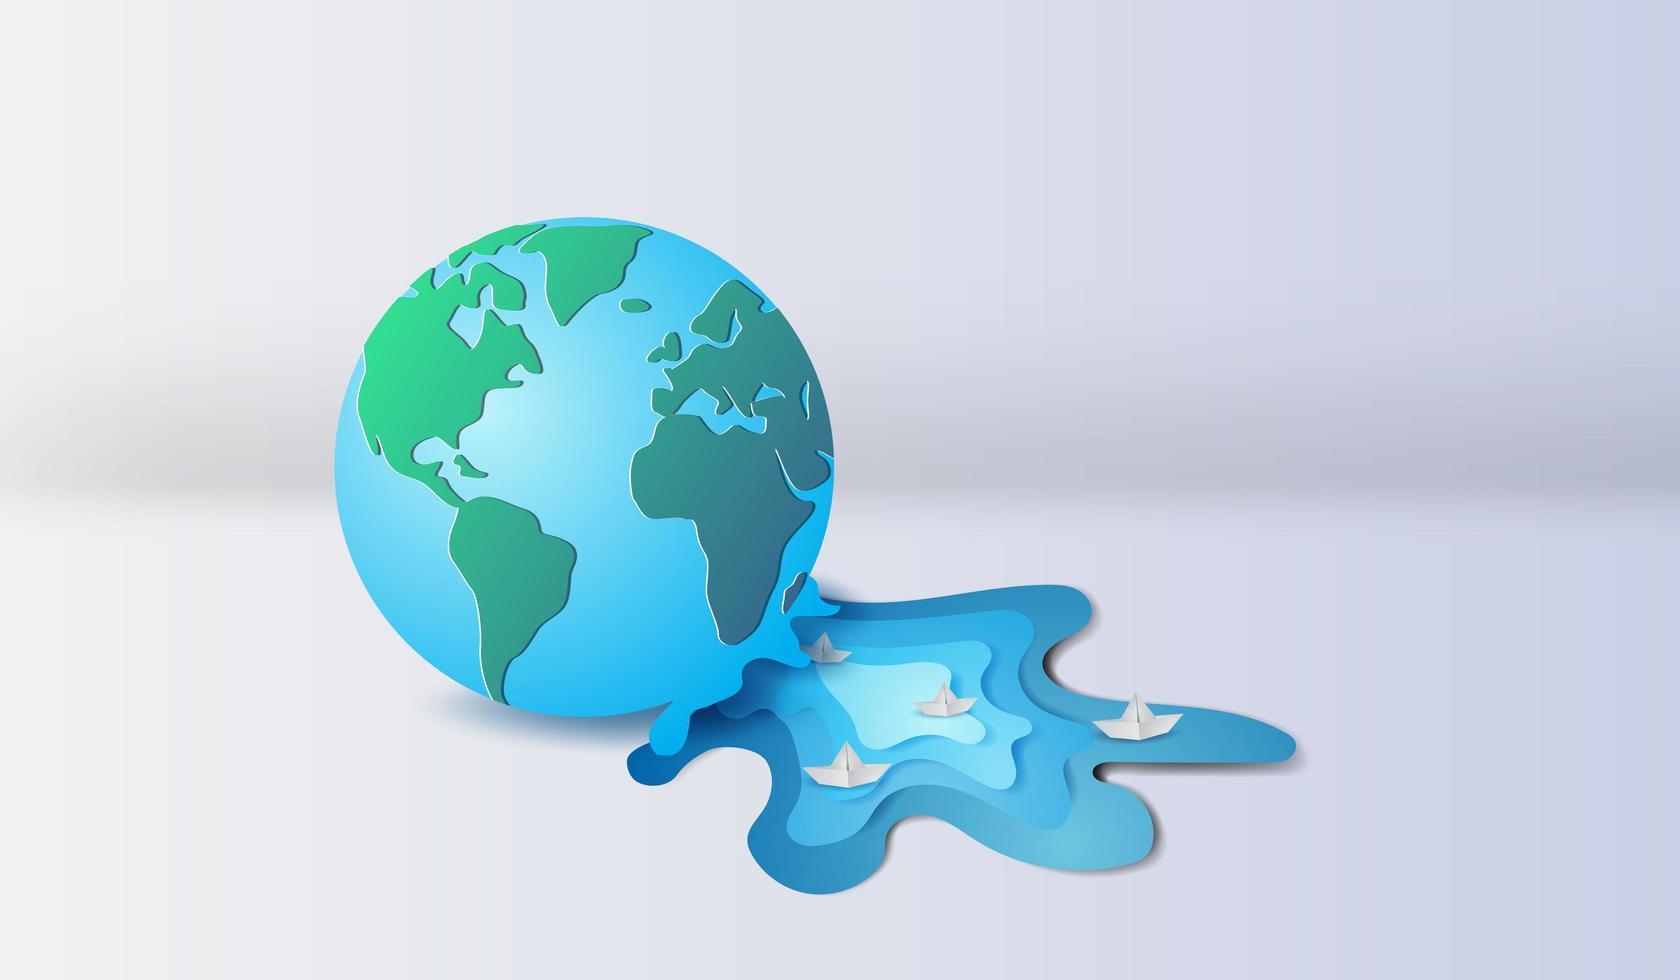 Art du papier 3D de la planète terre avec des bateaux à voile. concept d'environnement vecteur